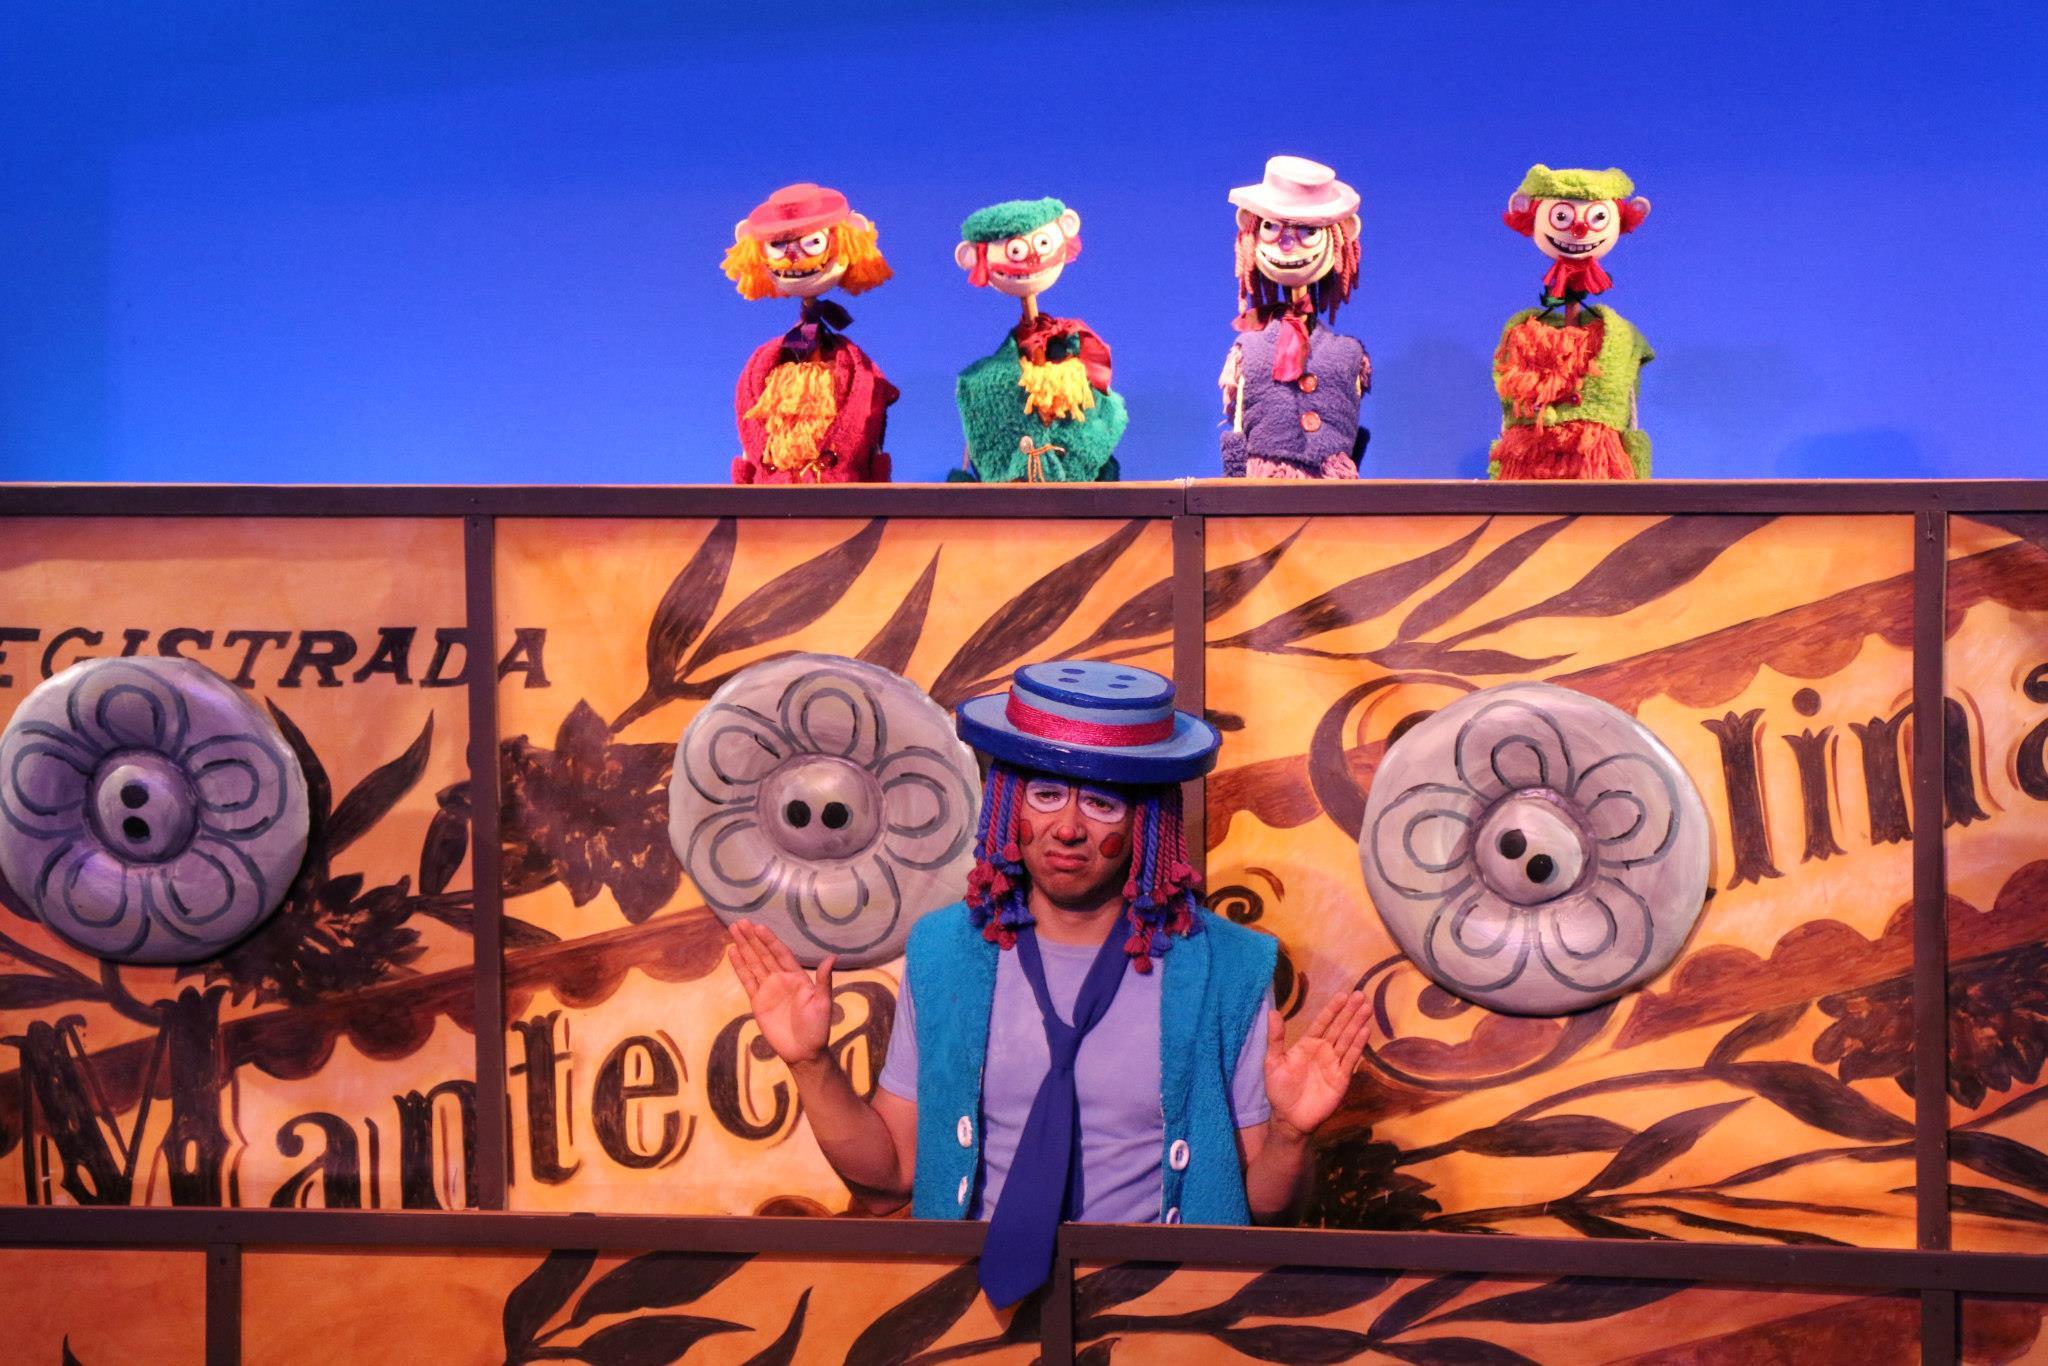 <em>The Billy-Club Puppets / Los Títeres de Cachiporra</em>, une production bilingue (anglais et espagnol) pour le jeune public par le Teatro SEA (New York, NY, États-Unis). Une adaptation du jeu de marionnettes de Federico García Lorca, mise en scène : Manuel Morán, comédien sur la photo : Manuel Morán. Marionnettes à tiges, hauteur : 60 cm. Photo: Richard Marino